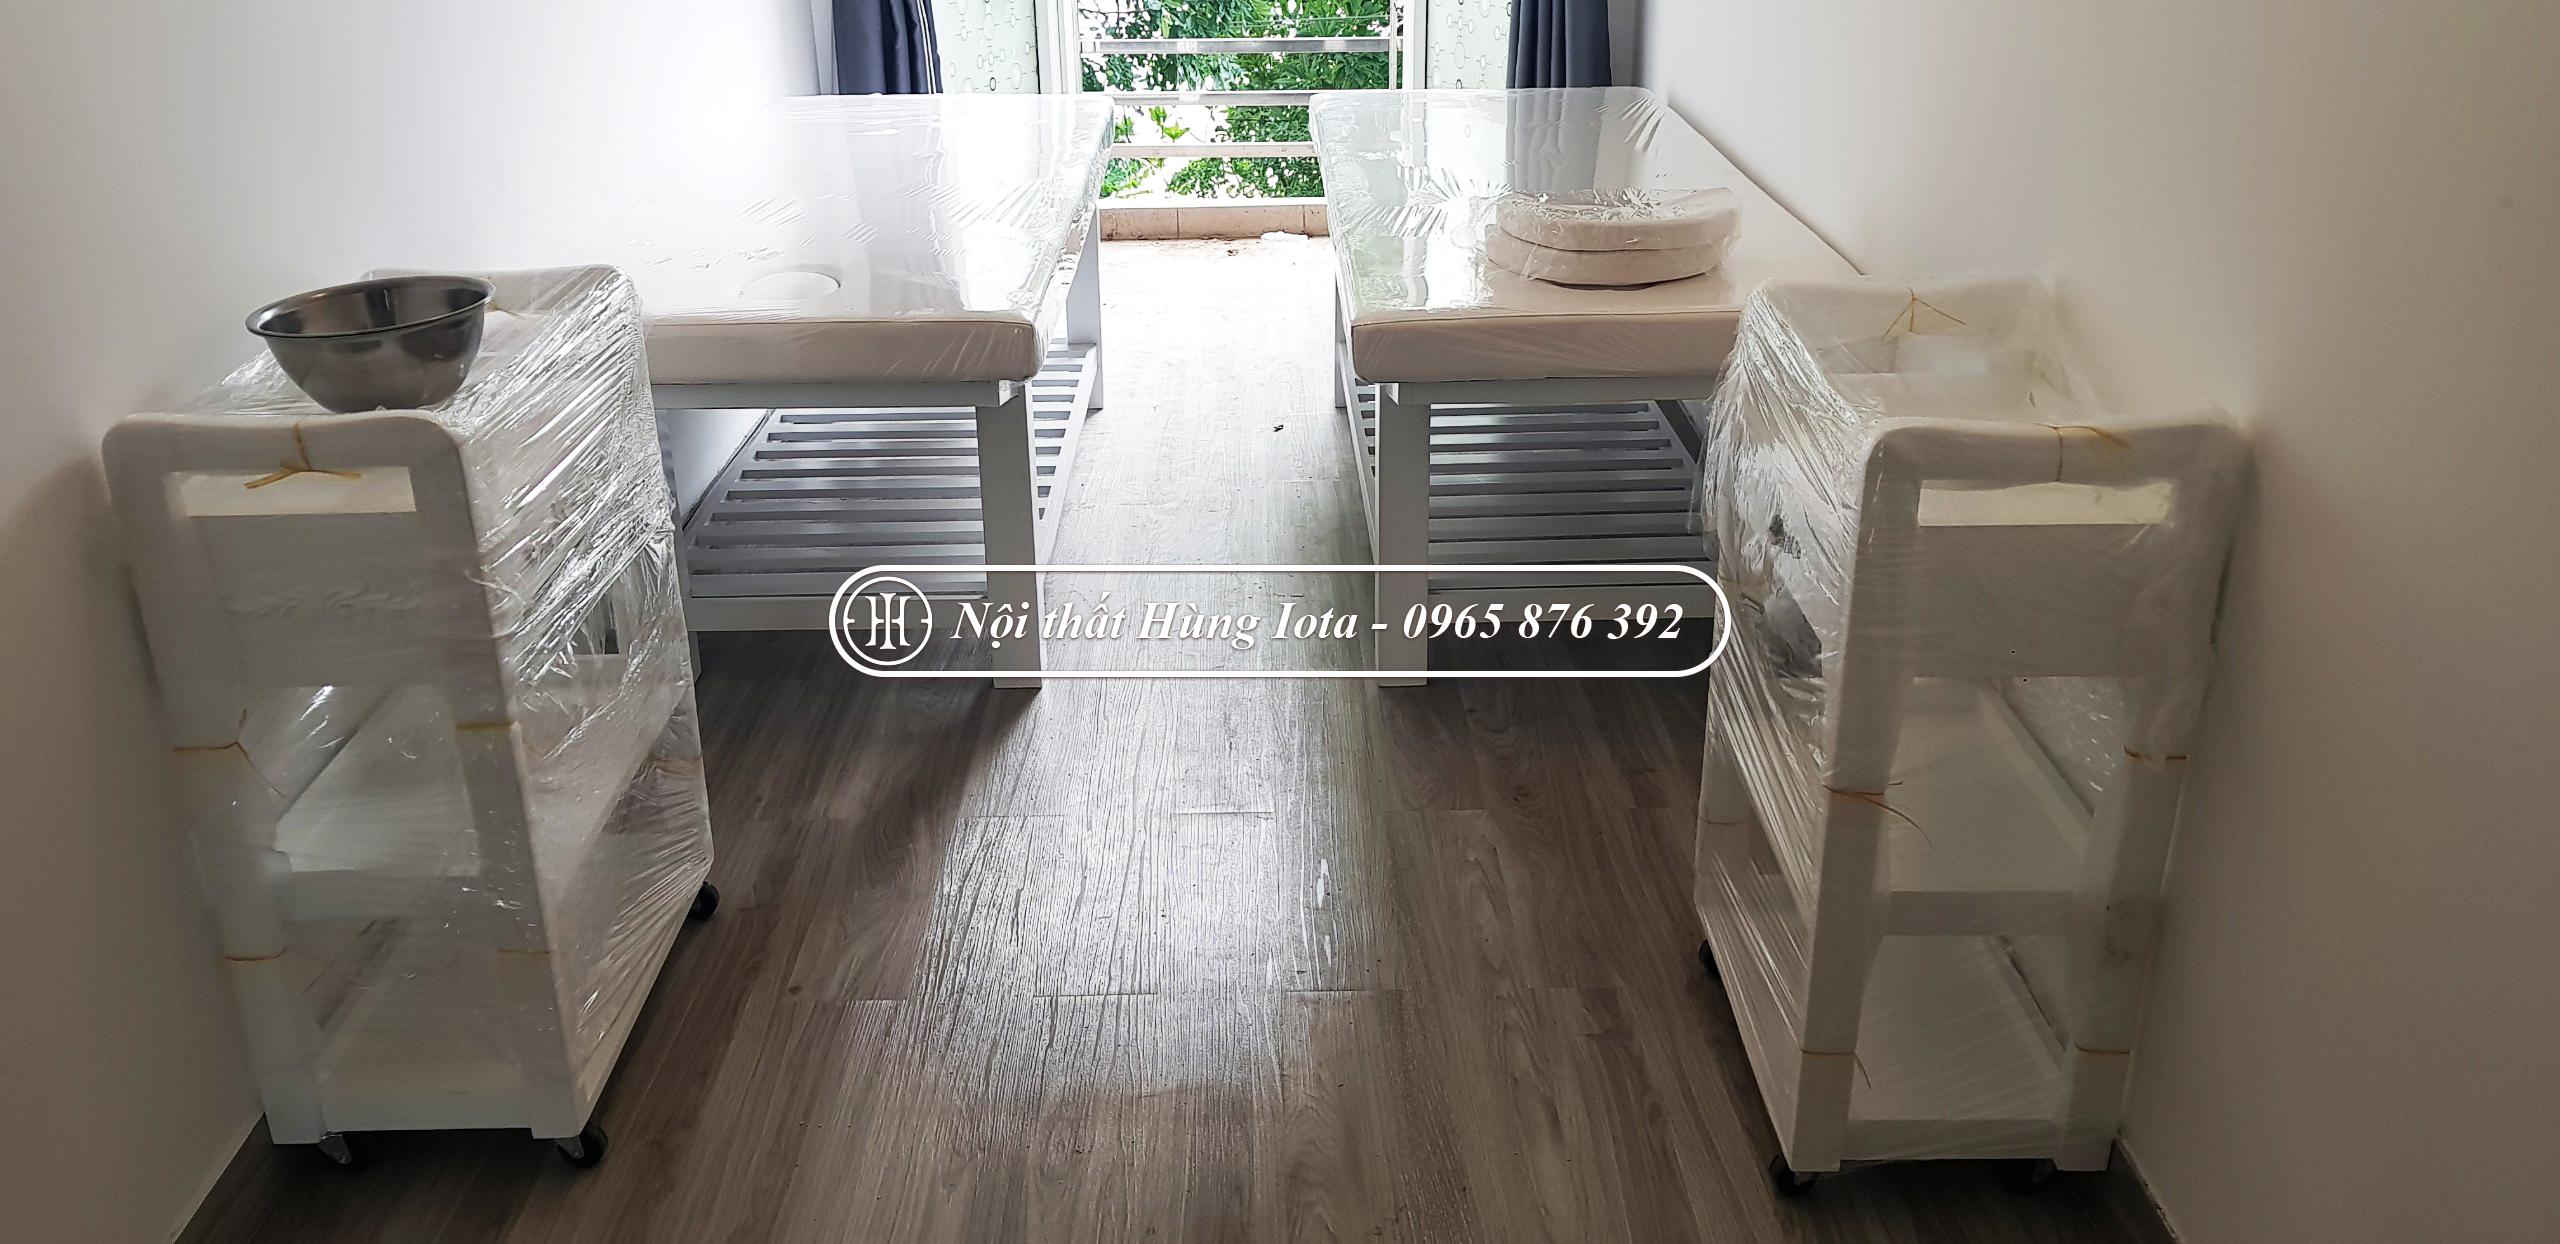 Lắp đặt nội thất spa gồm giường ghế xe đẩy spa ở Long Biên